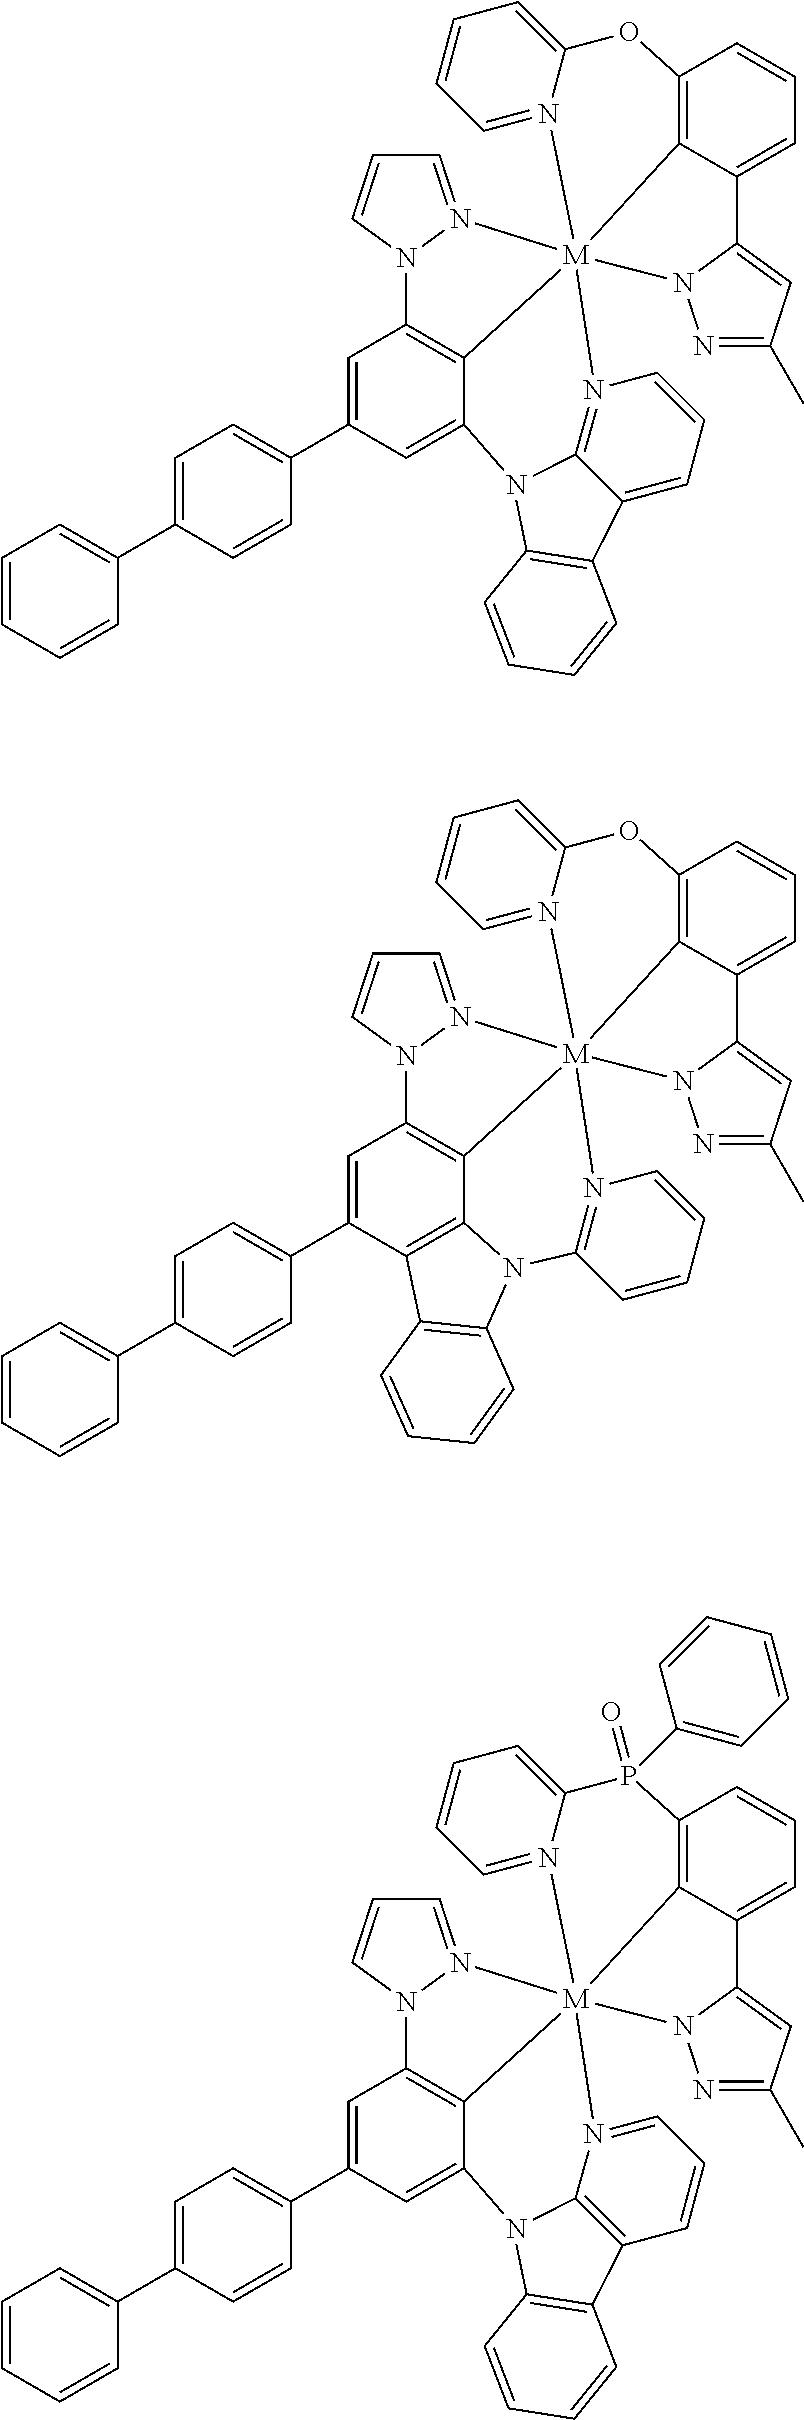 Figure US09818959-20171114-C00326